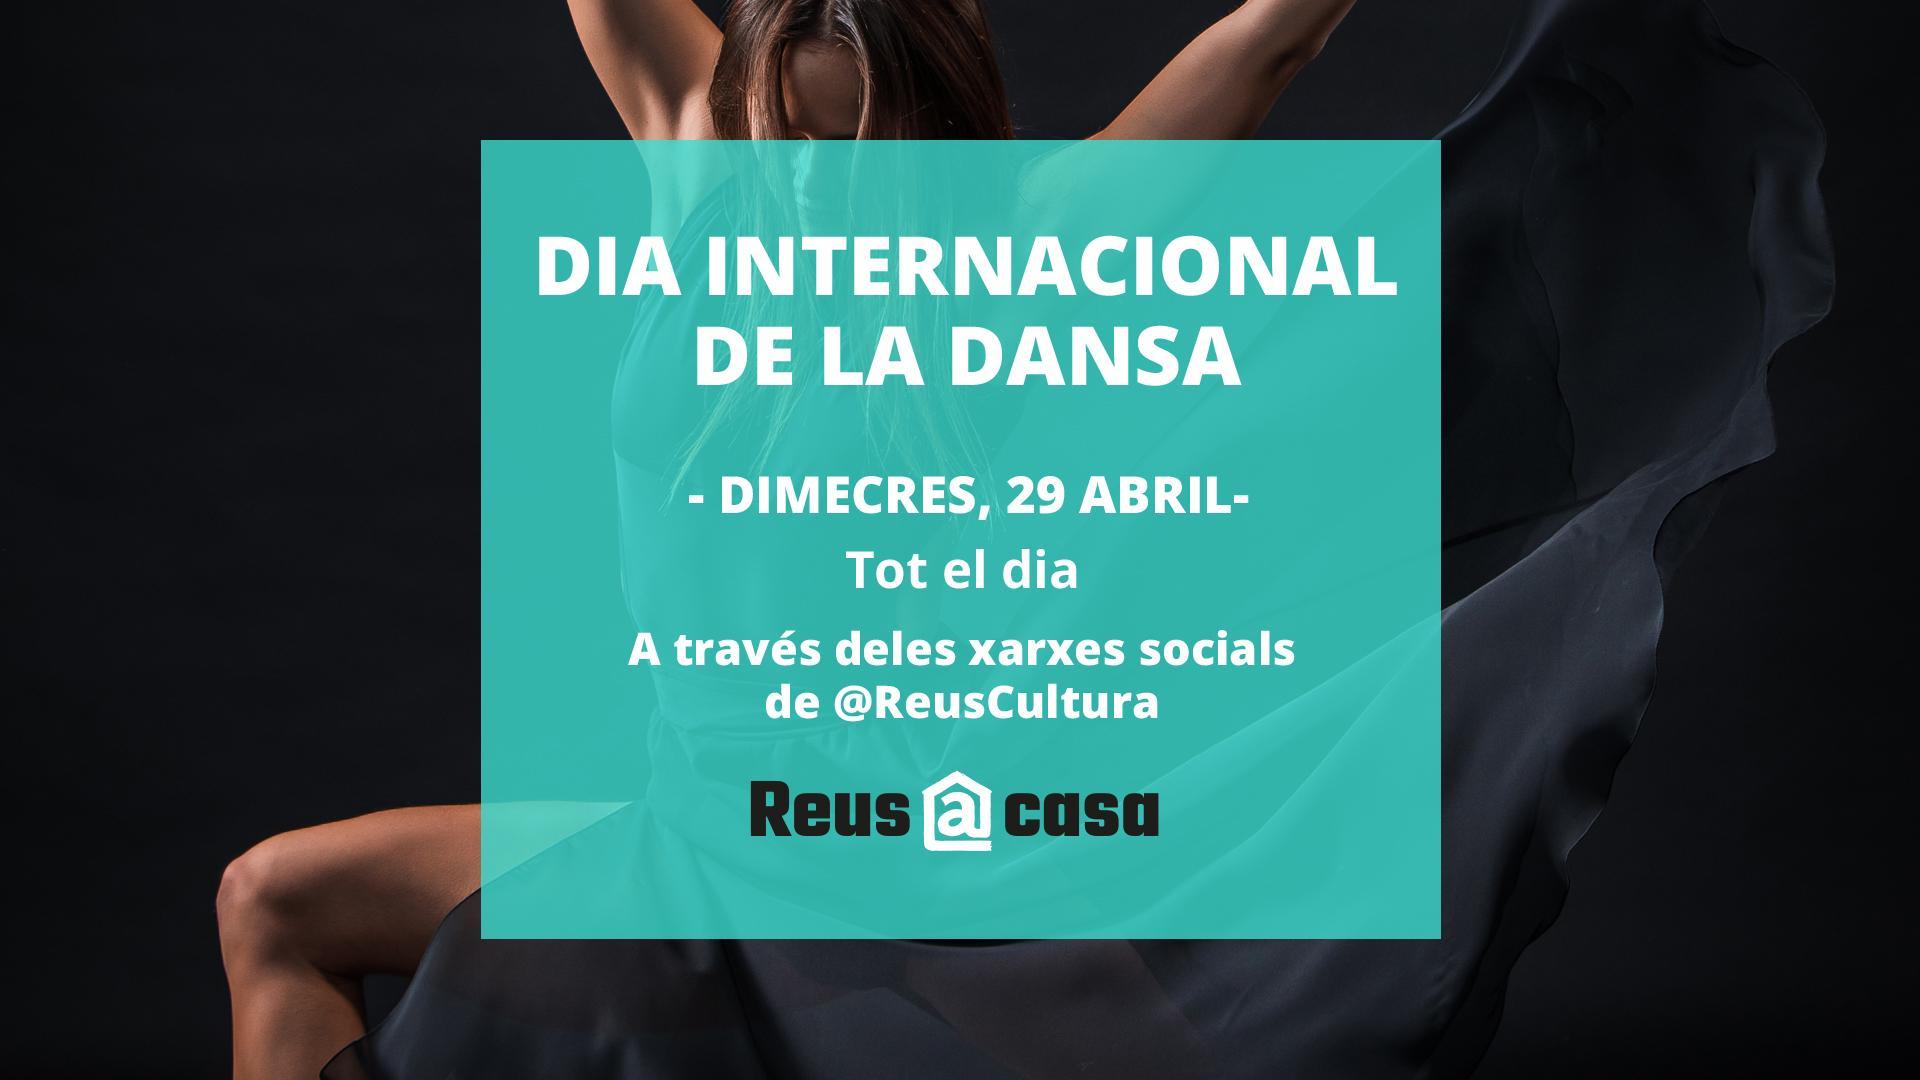 Dia Internacional de la Dansa: activitats durant tot el dia